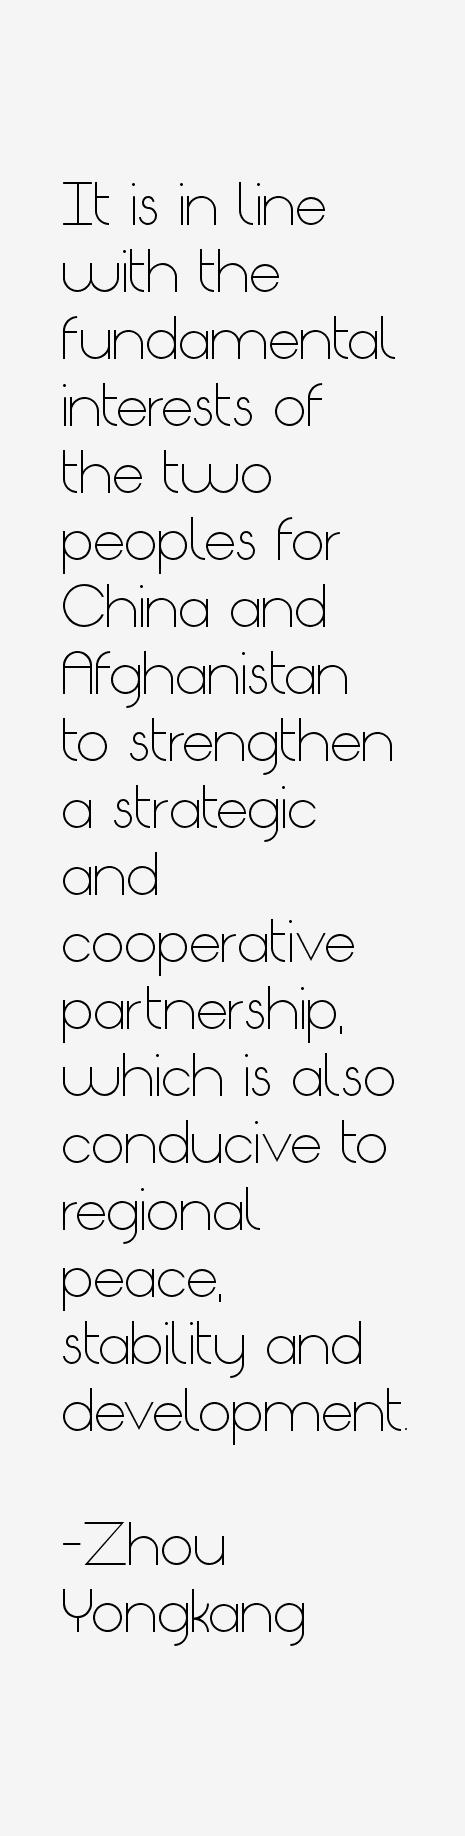 Zhou Yongkang Quotes